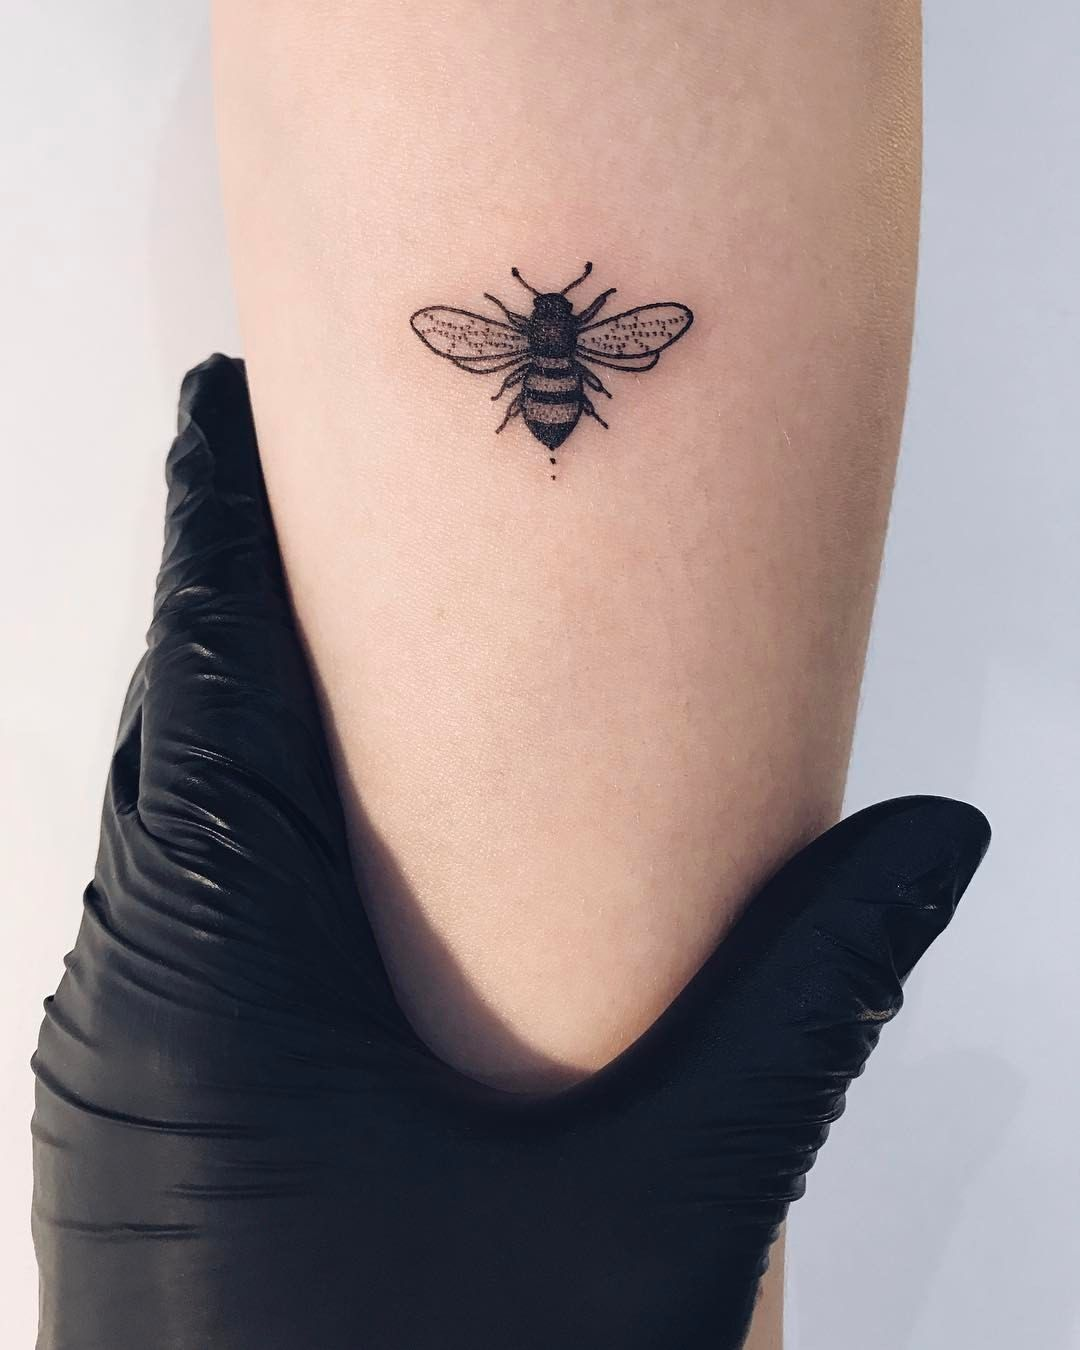 tatuaje de insectos